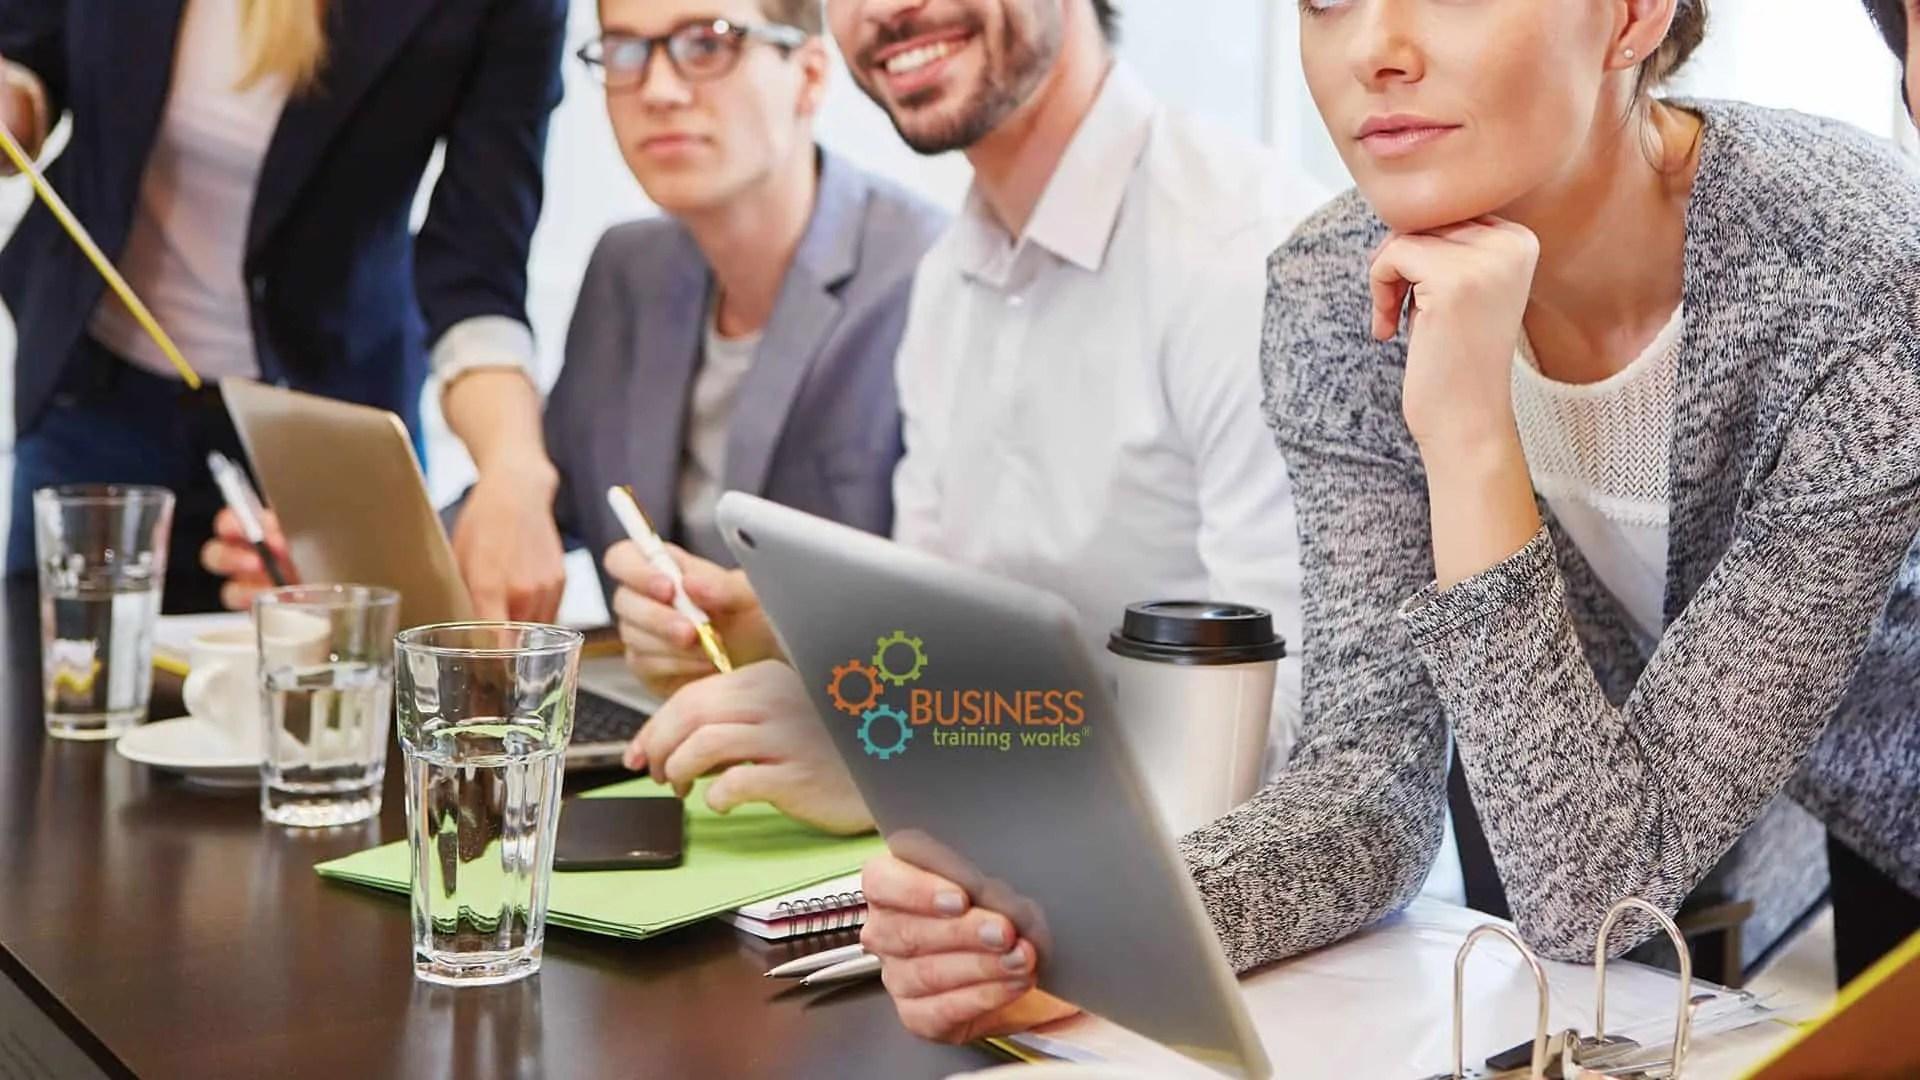 Web-Based Business Etiquette Course